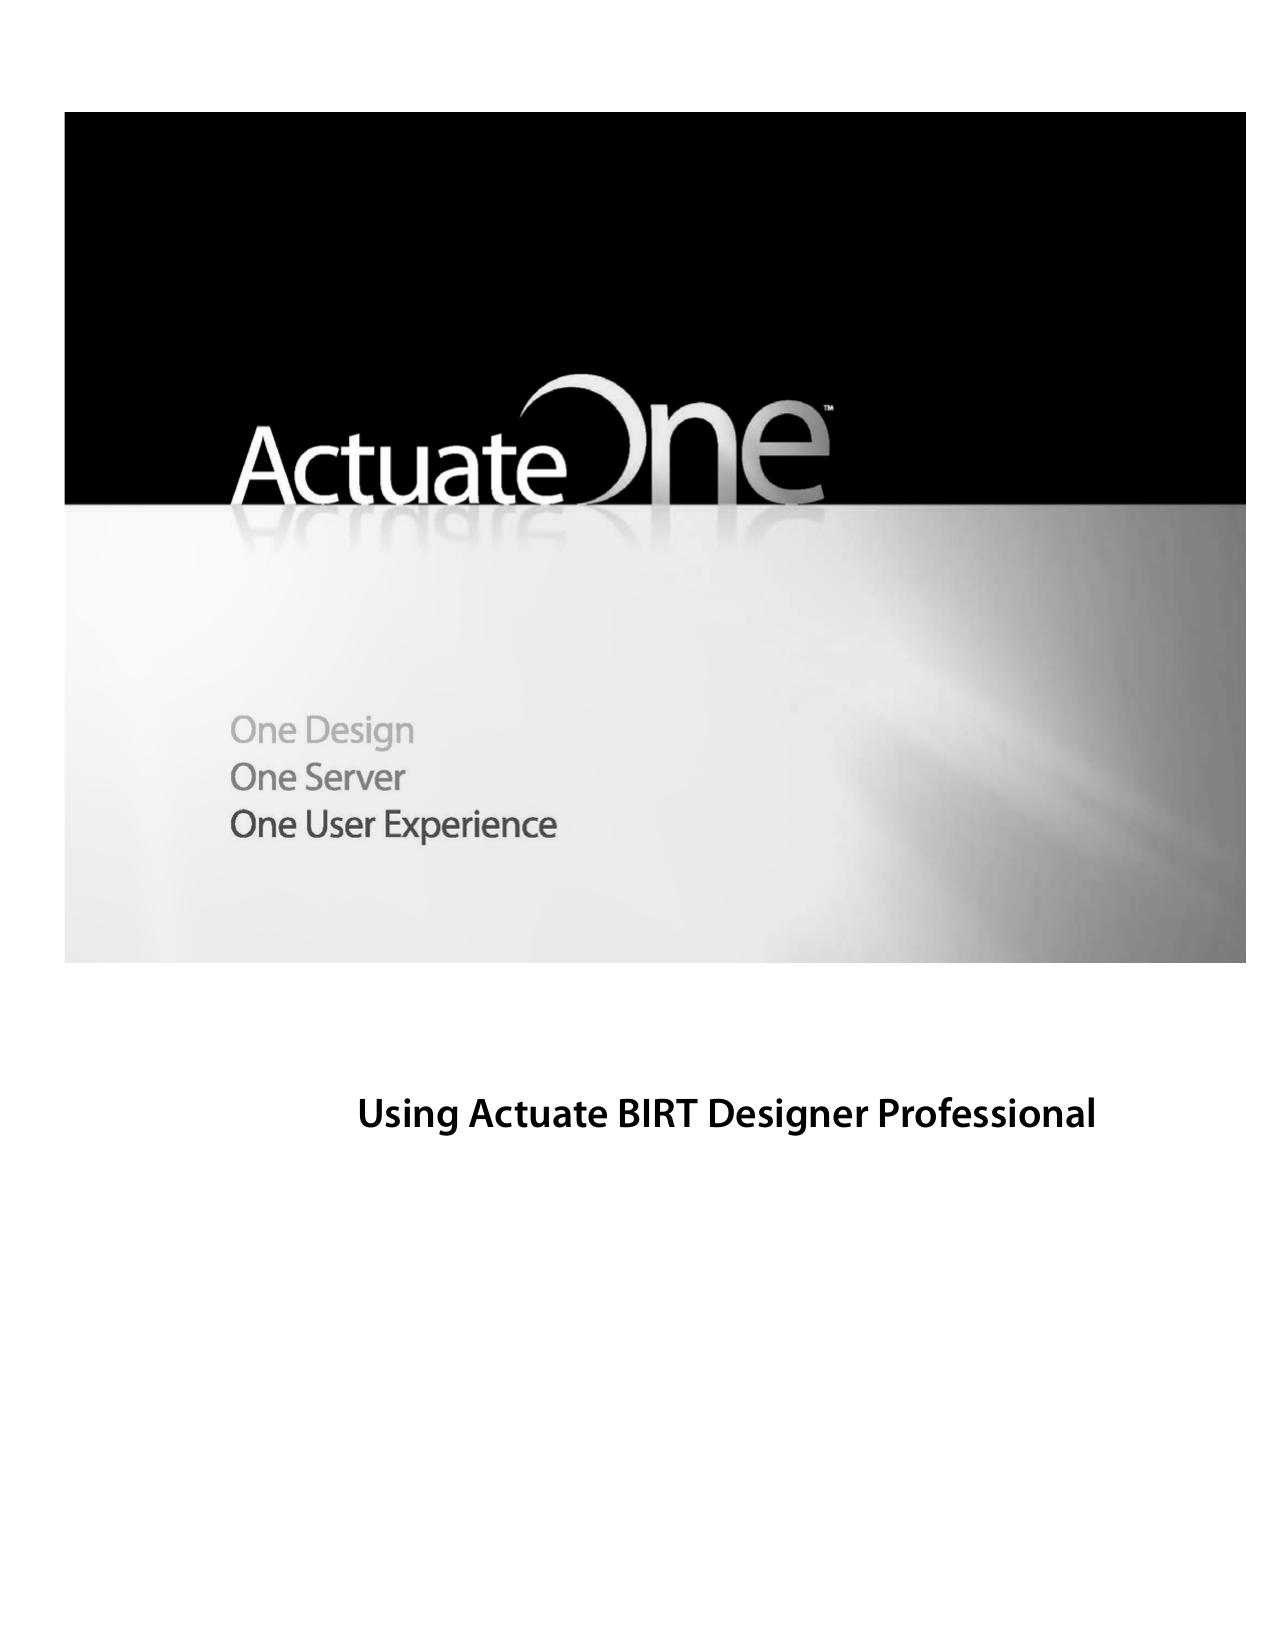 Using Actuate BIRT Designer Professional | manualzz com